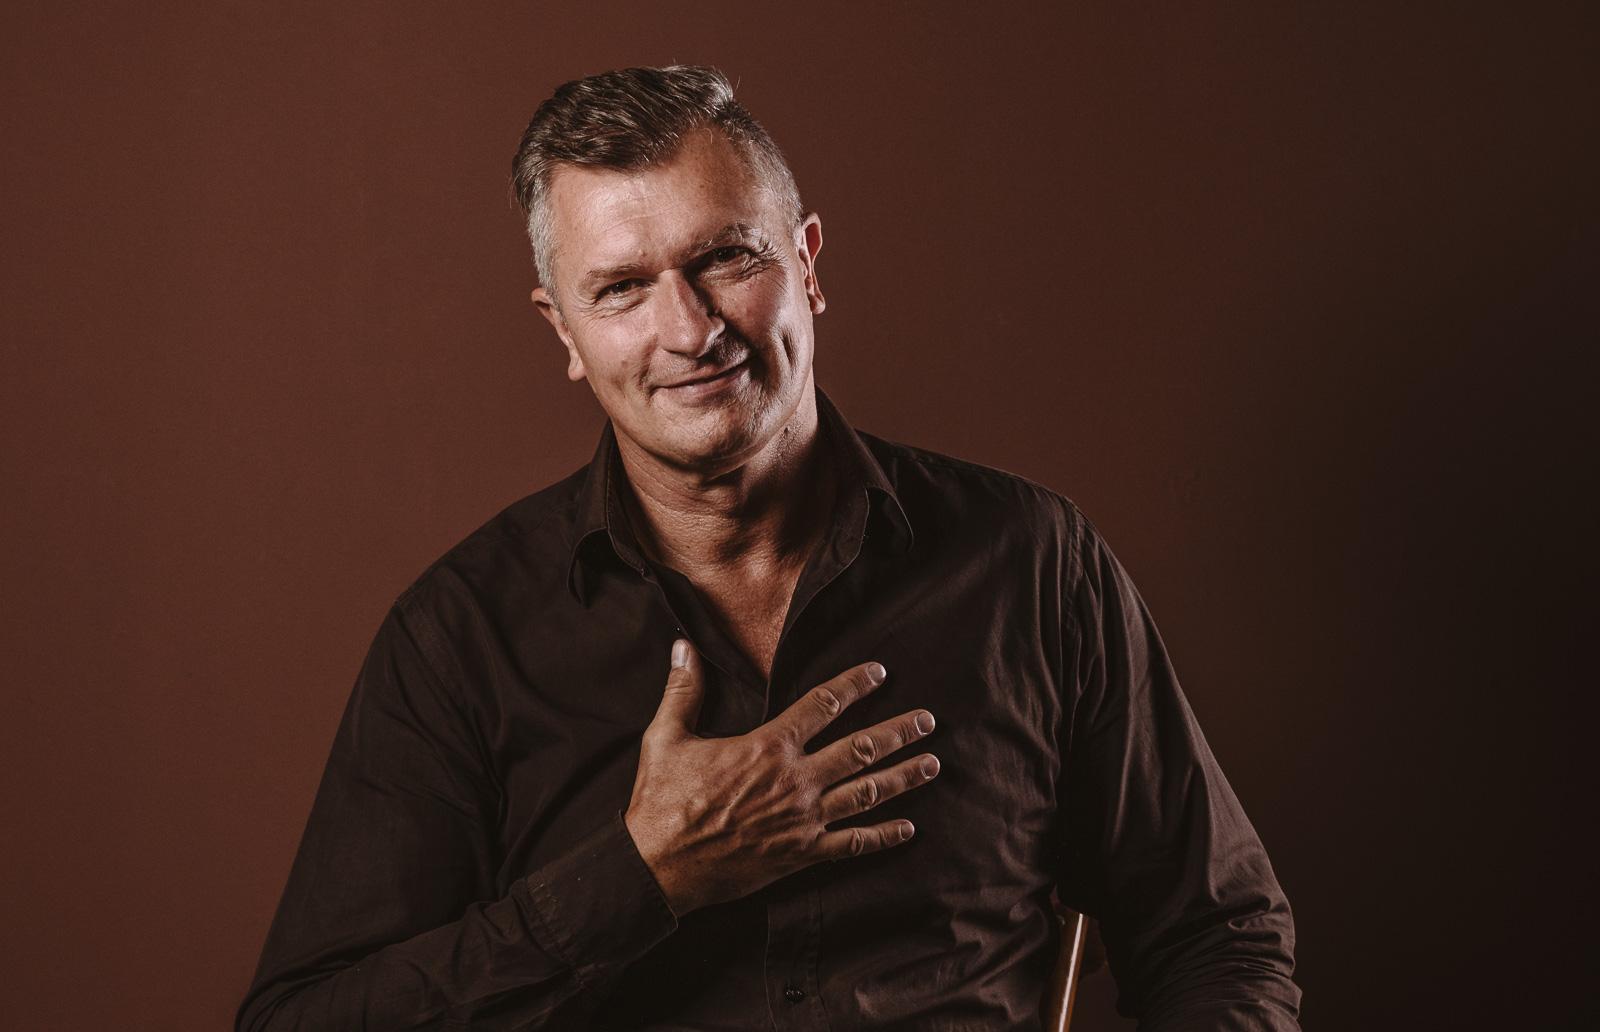 Porträtshooting - Gilbert Köhne vom Konzeptstore Herzblut tut es von Herzen gerne